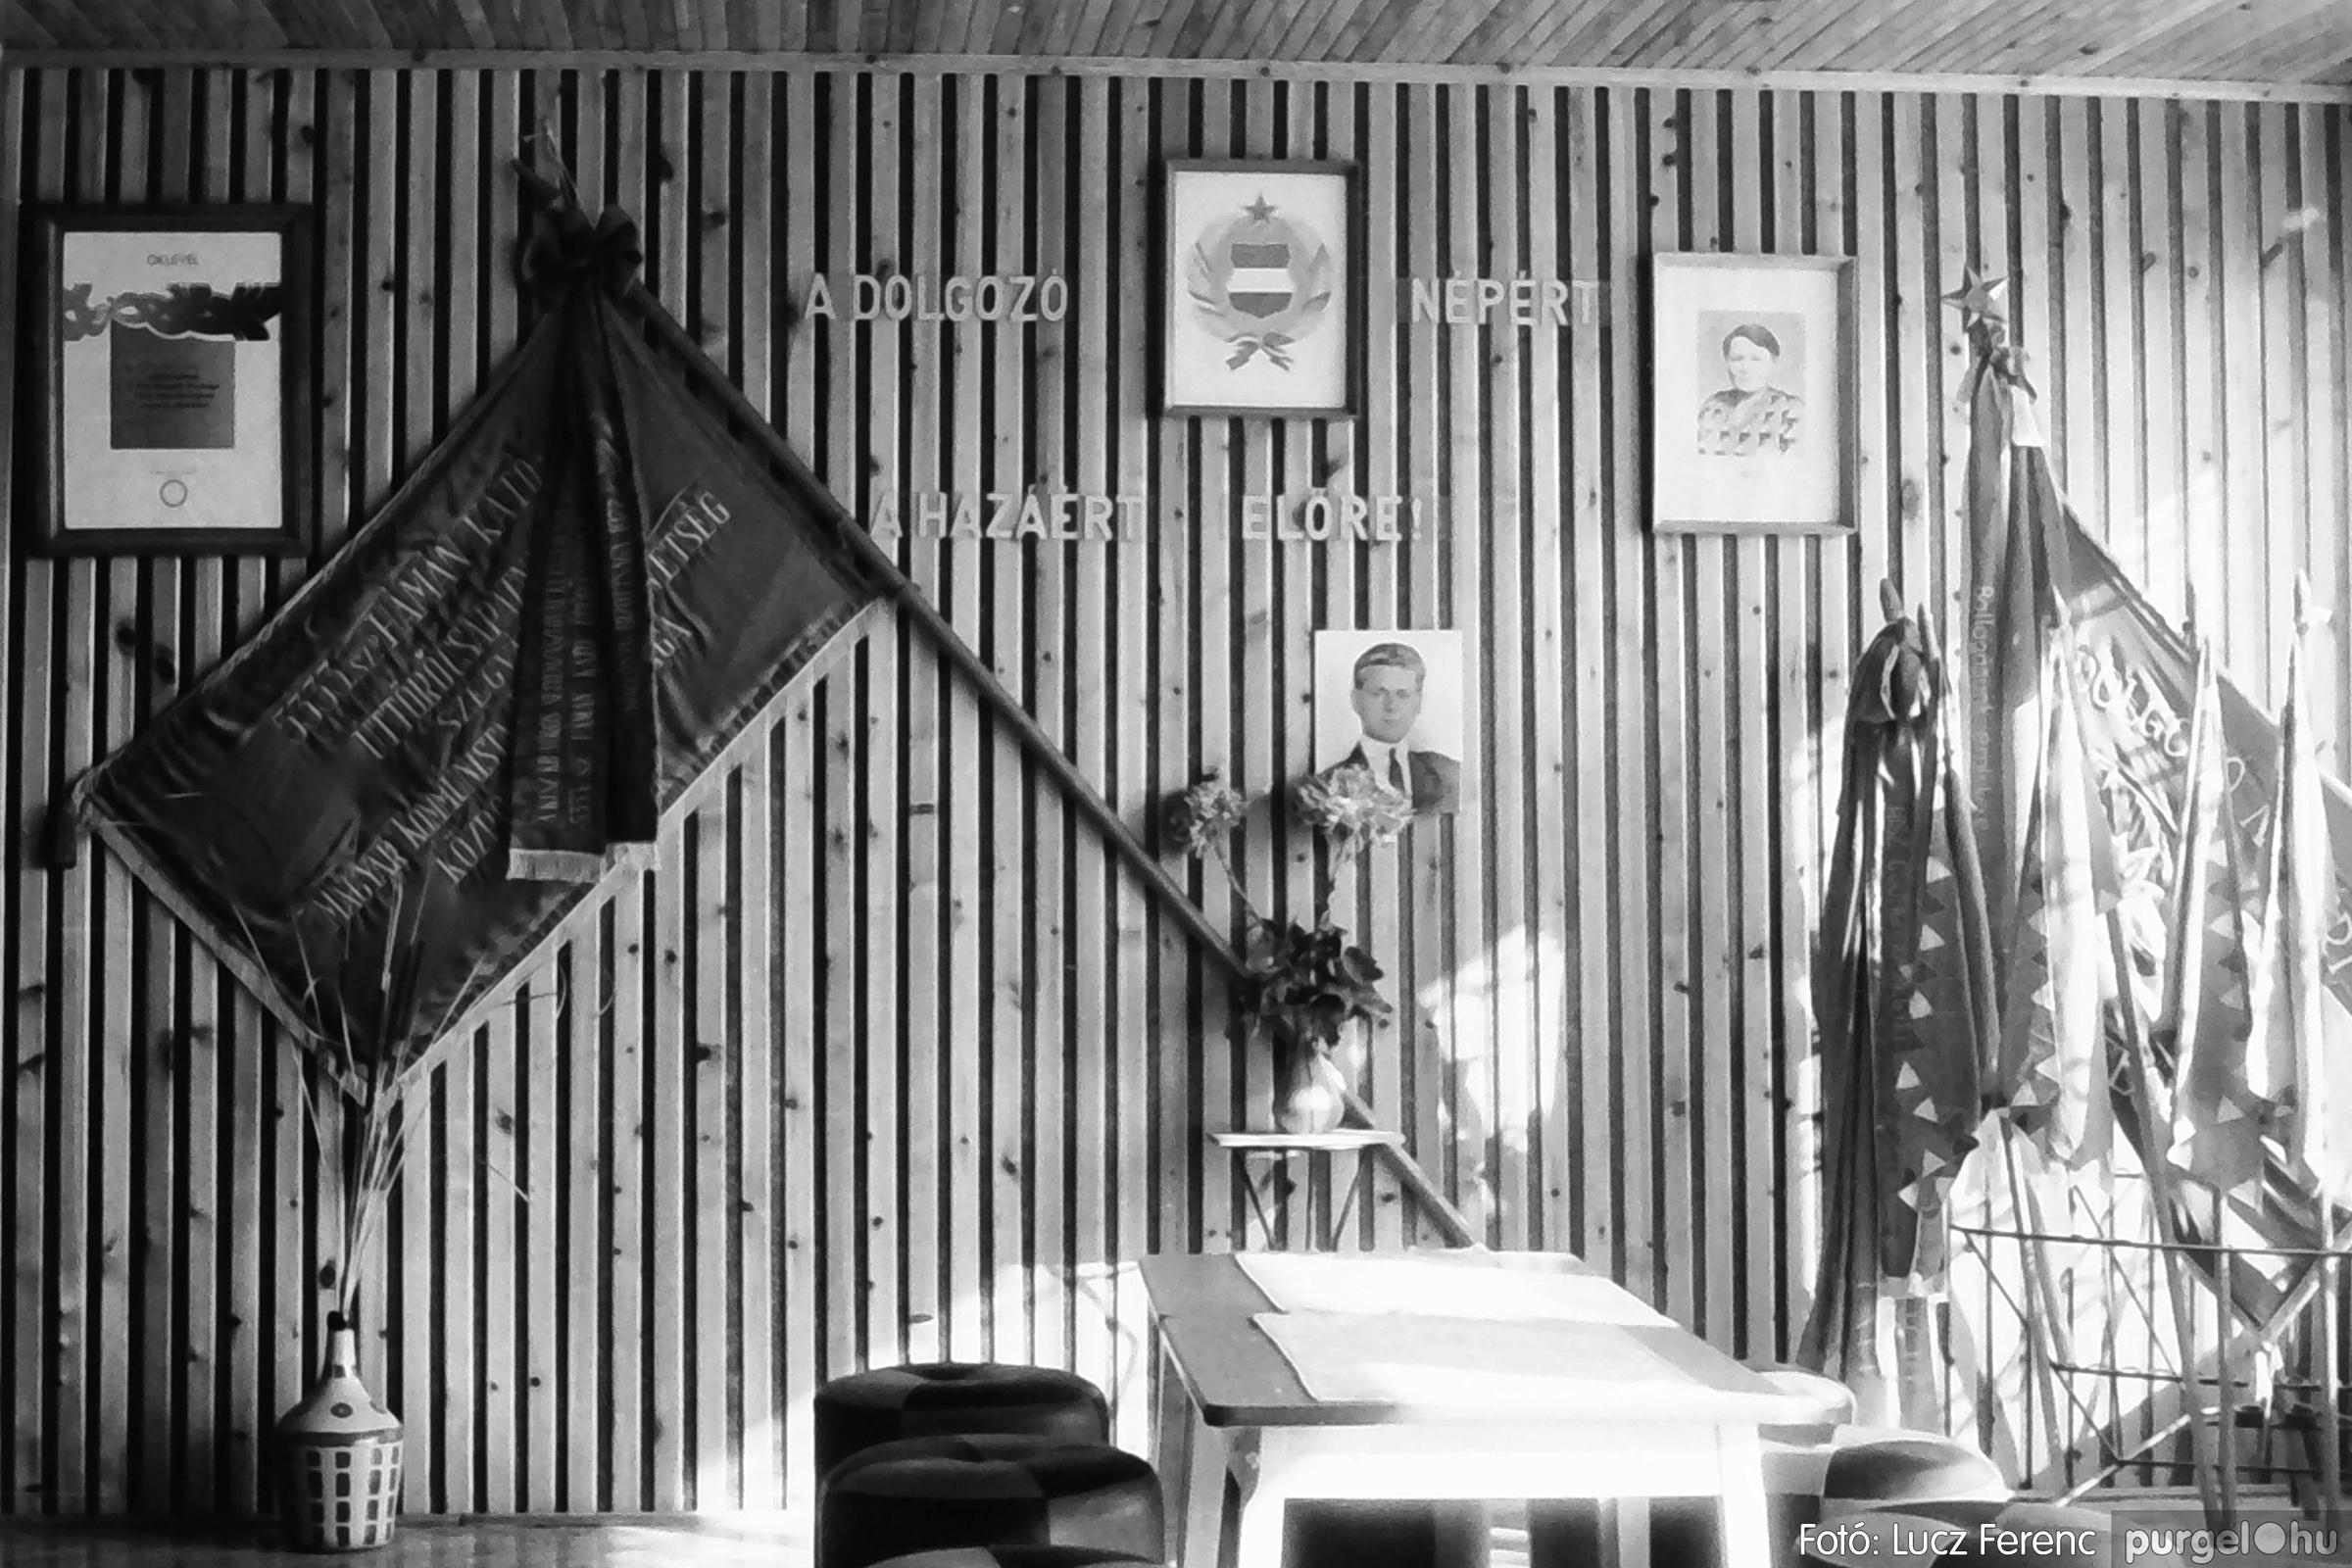 093. 1977. Szovjet katonák látogatása a nagy októberi szocialista forradalom 60. évfordulóján 006. - Fotó: Lucz Ferenc.jpg